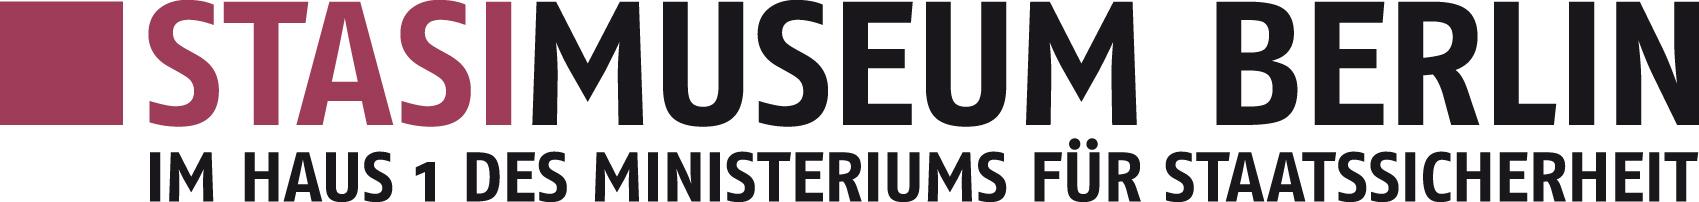 Logo Stasimuseum